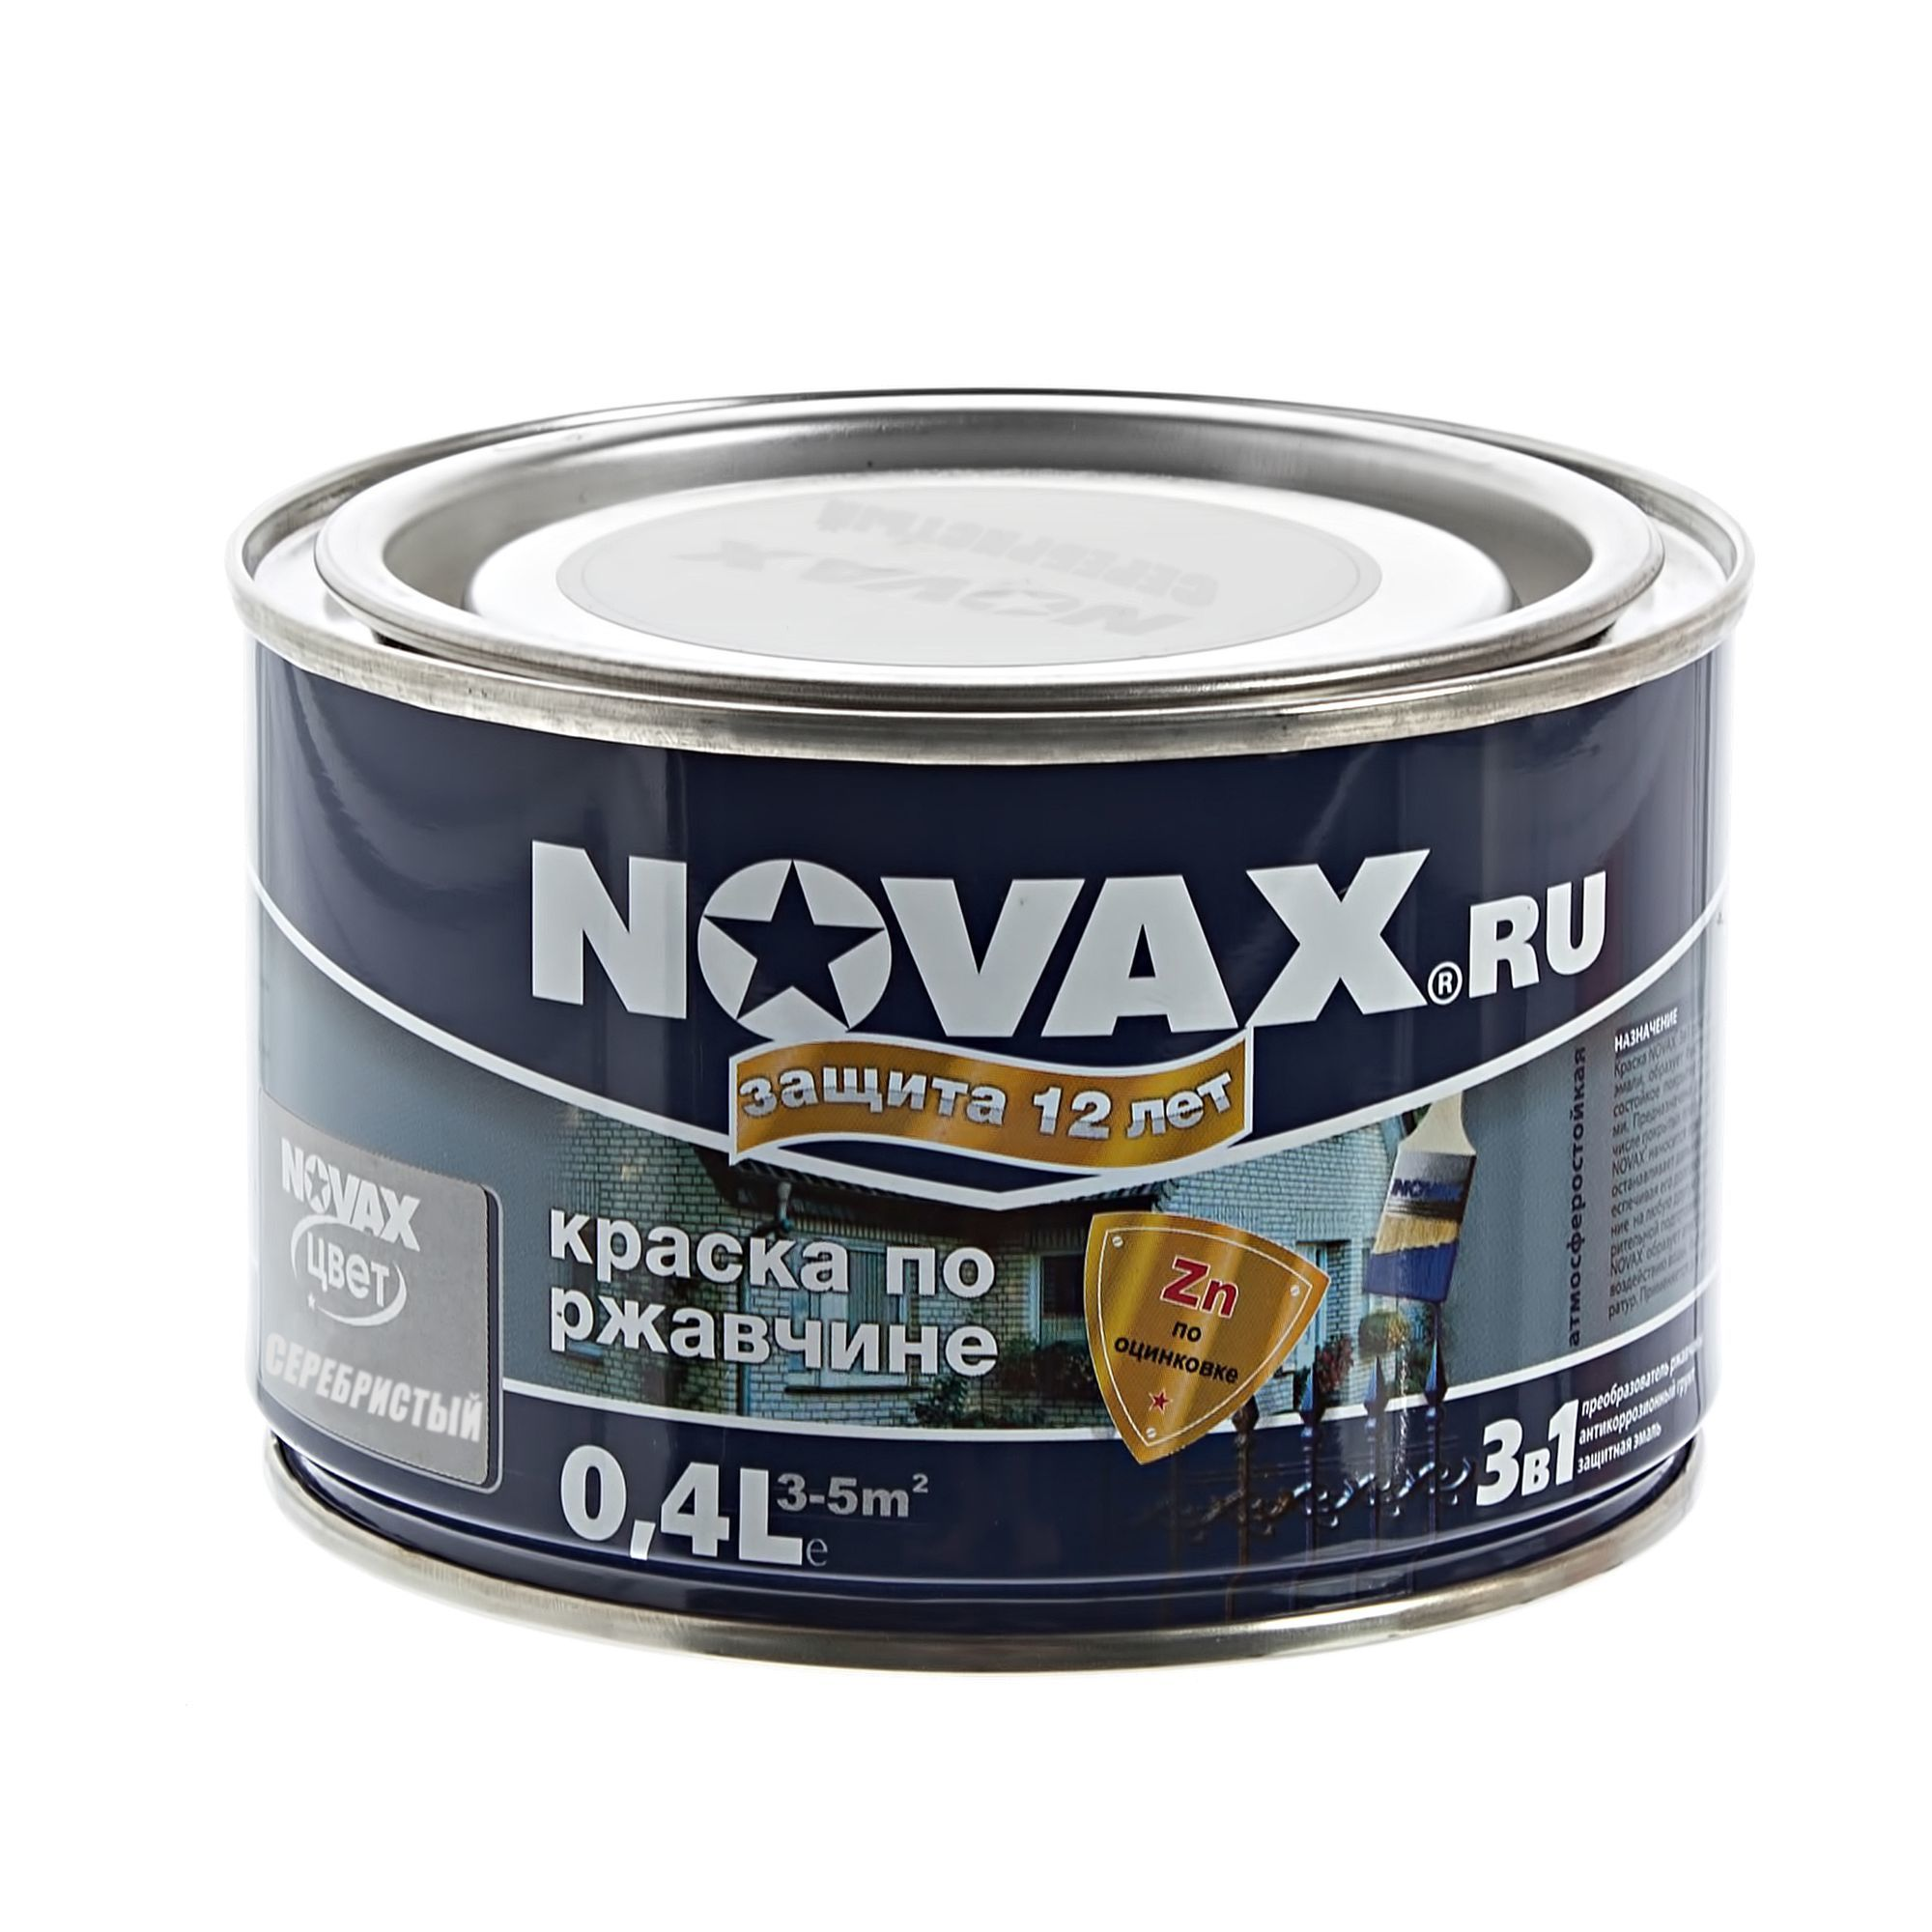 Эмаль по ржавчине Novax цвет серебристый 0.4 л